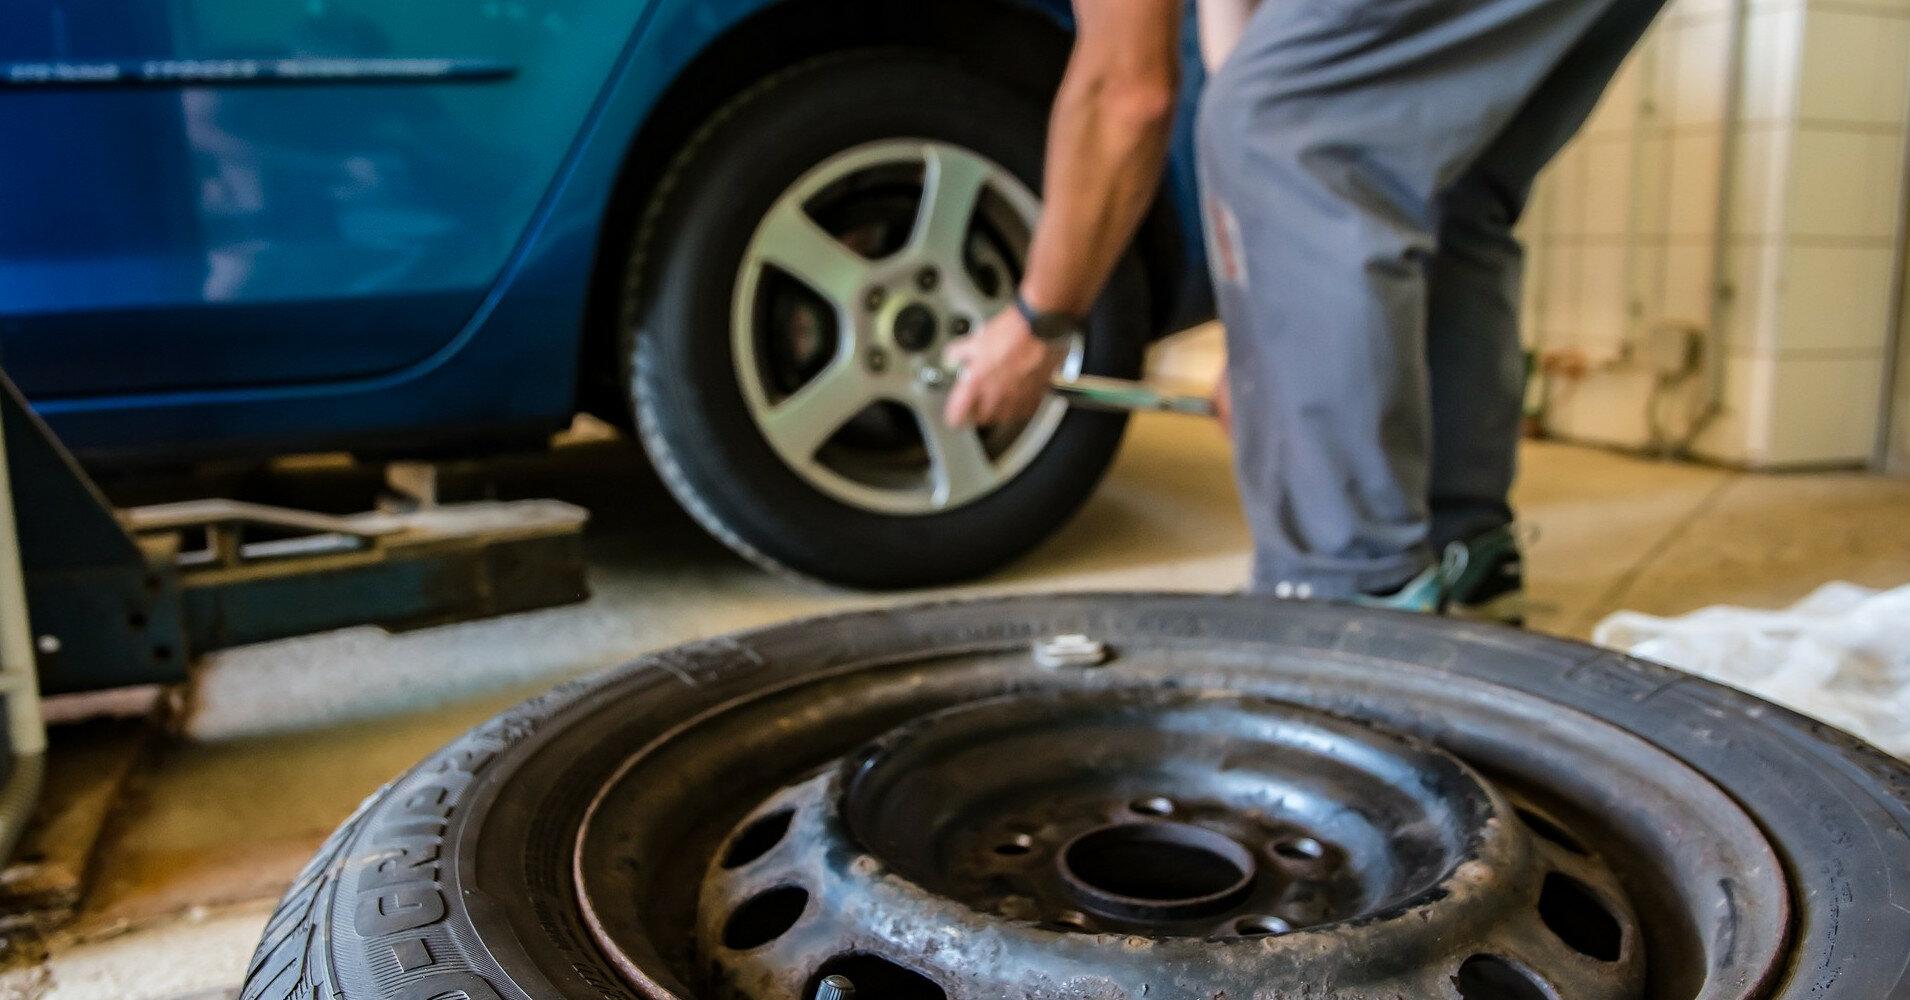 Азот или воздух: чем лучше накачивать шины